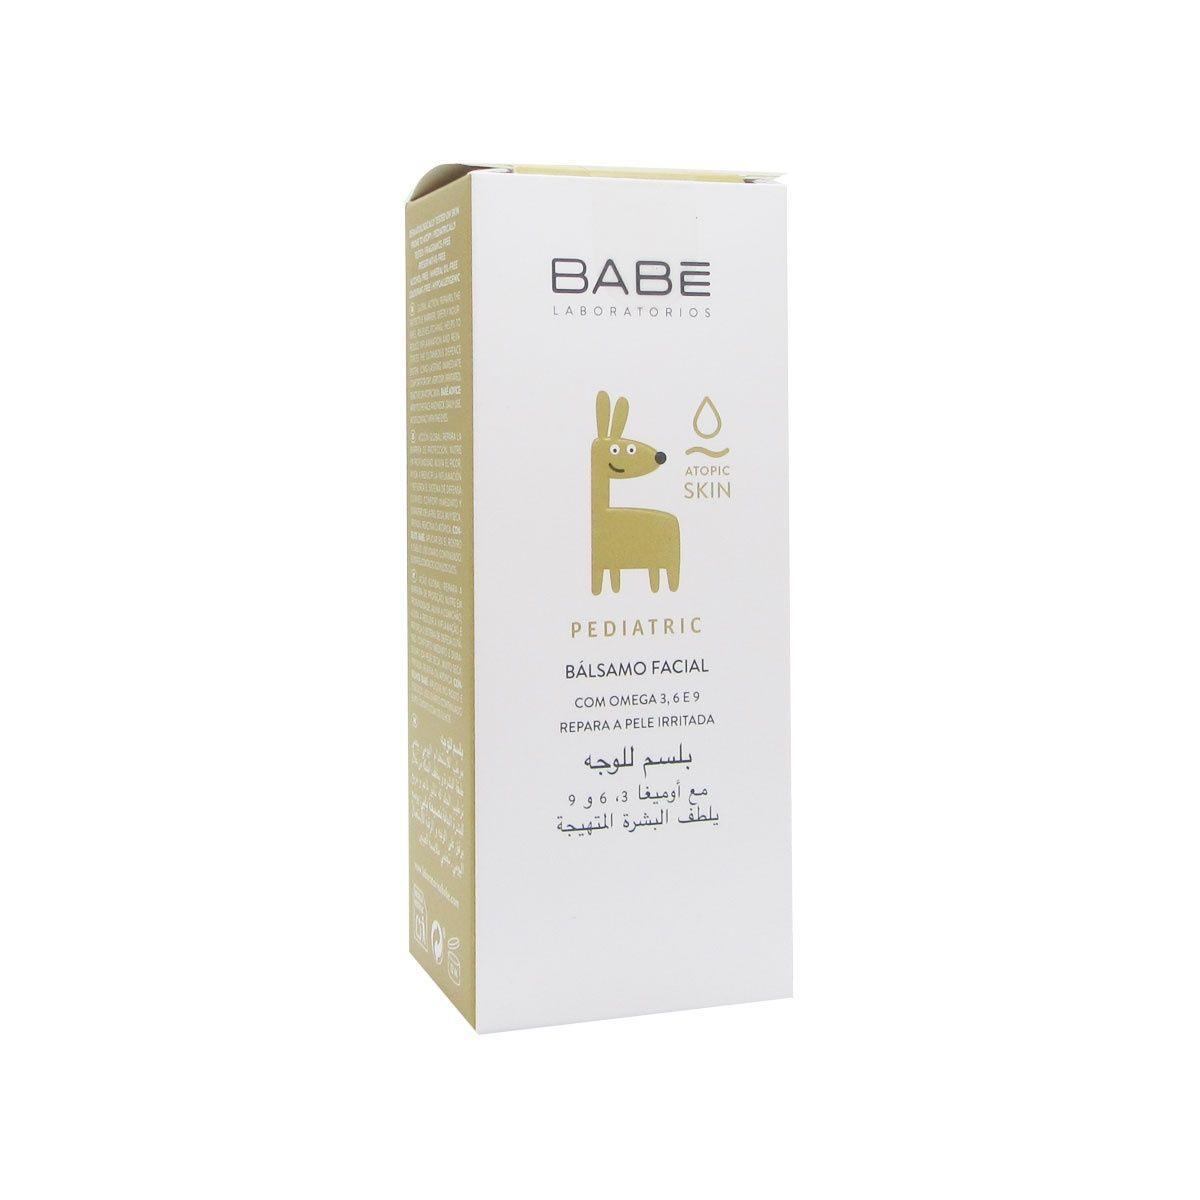 Babe Hidratante Facial Pediátrico SPF 30+ 50 mL